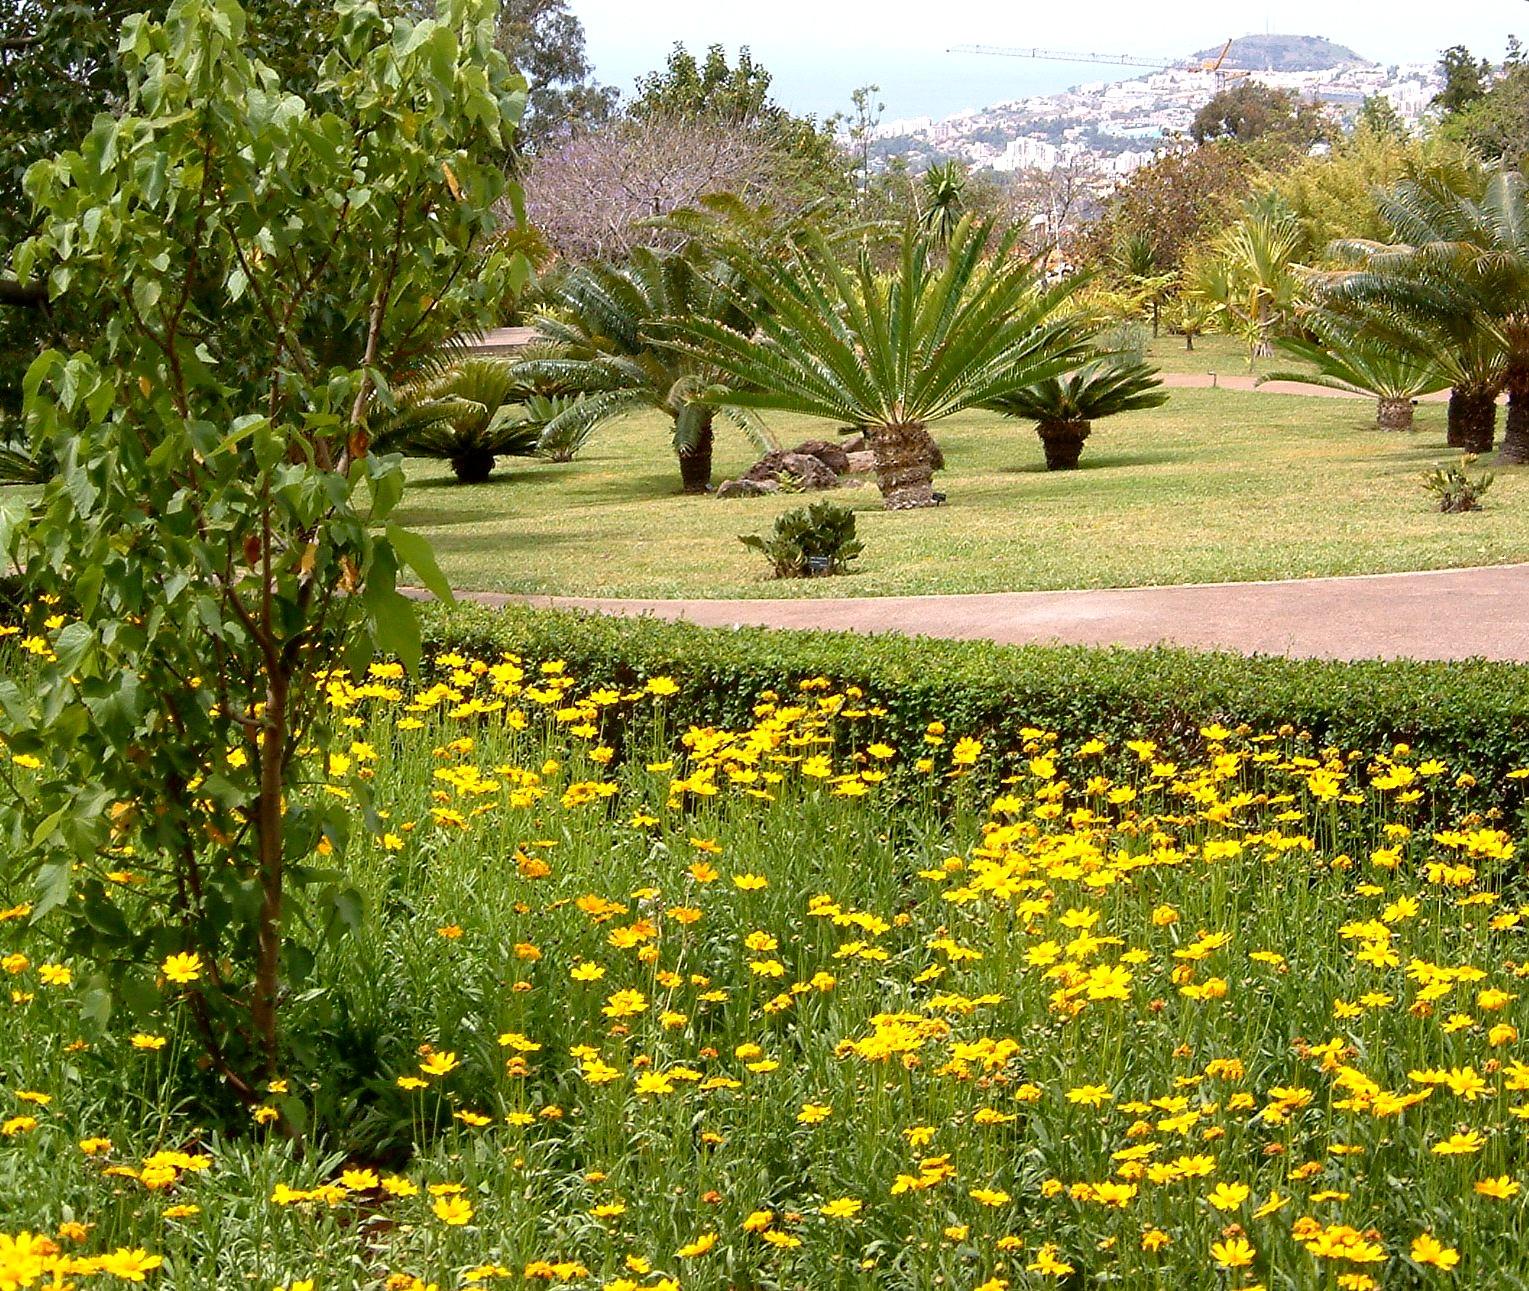 Filemadeira Oberhalb Funchal Botanischer Garten 5 07jpg